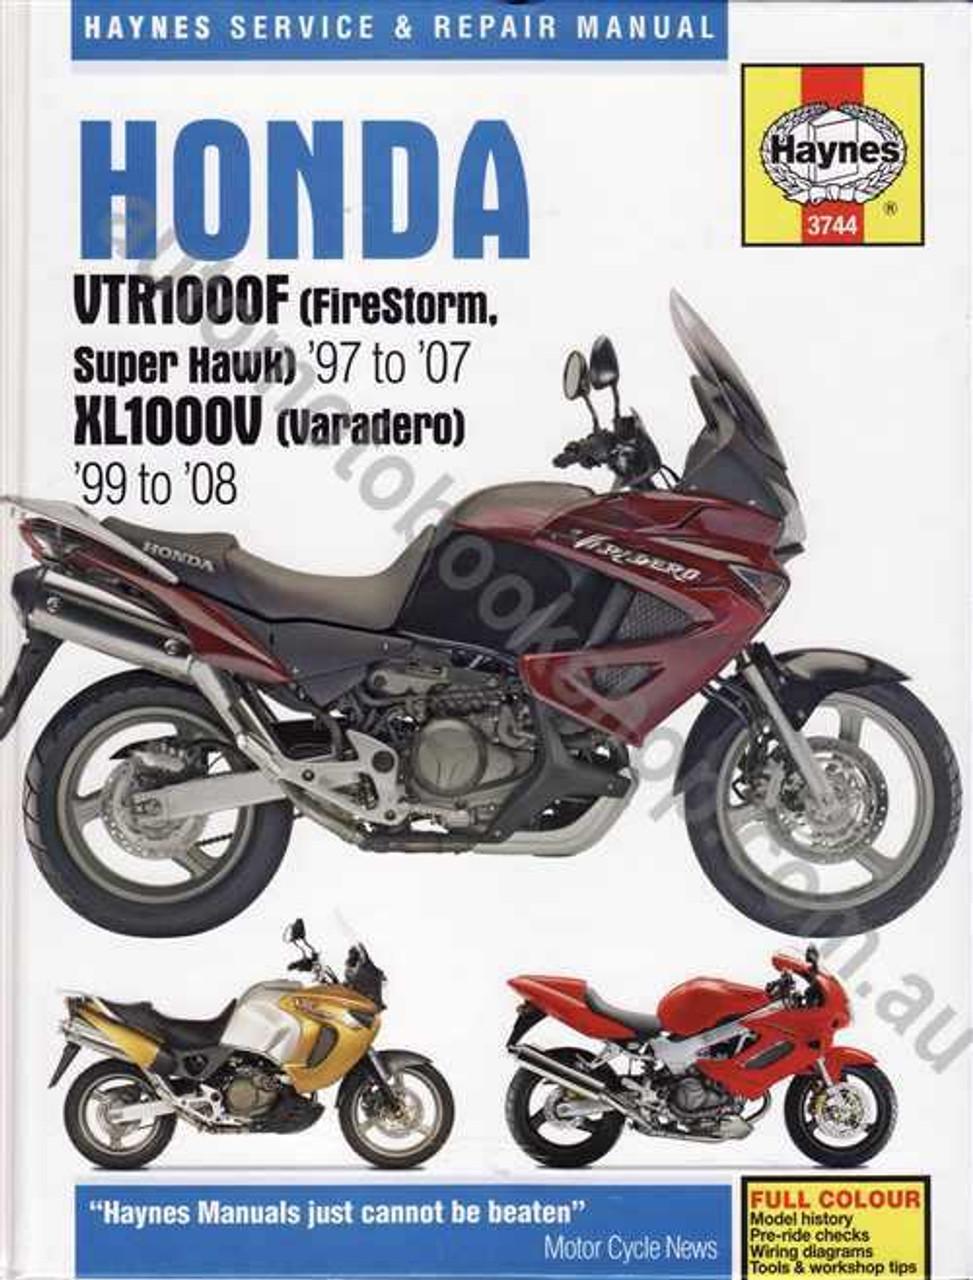 Honda VTR1000F (FireStorm, Super Hawk) XL1000V (Varadero) 1997 - 2008 on